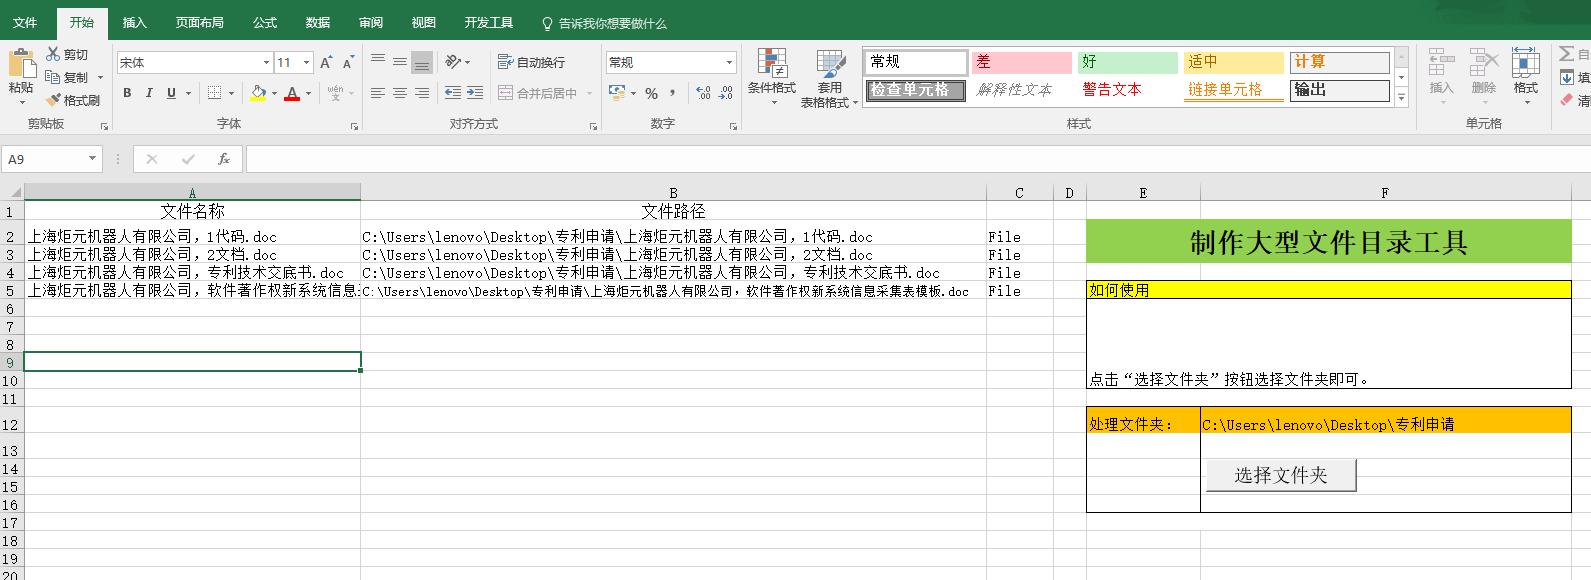 有保障的上海炬元白领机器人推荐-Excel文件批量智能文本替换特色